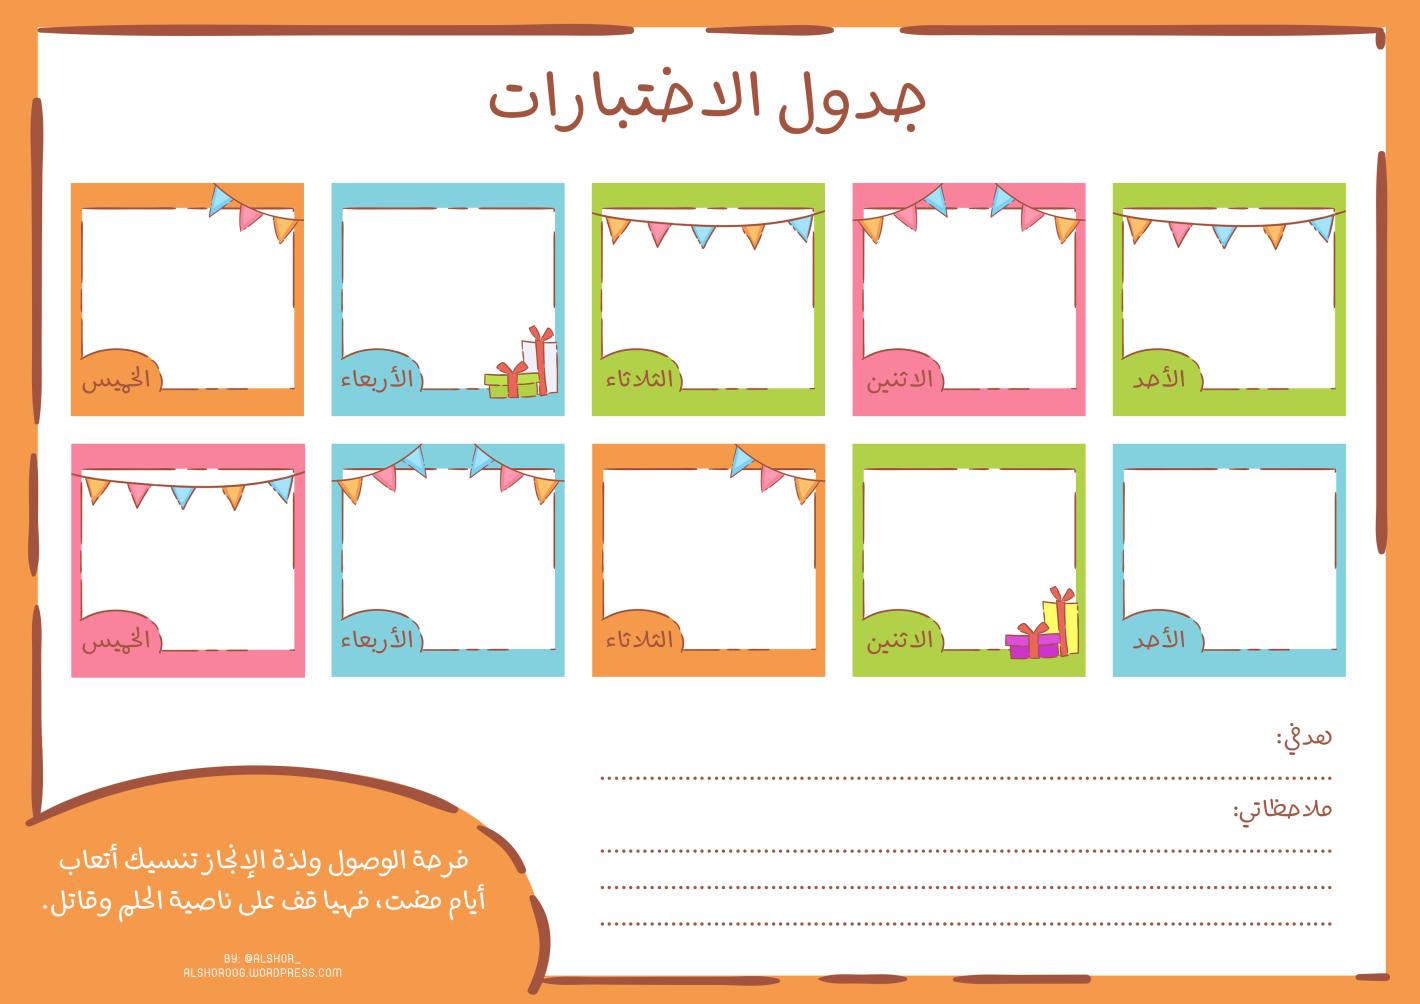 قف على ناصية الحلم وقاتل جدول اختبارات Print Planner School Stickers Planner Paper